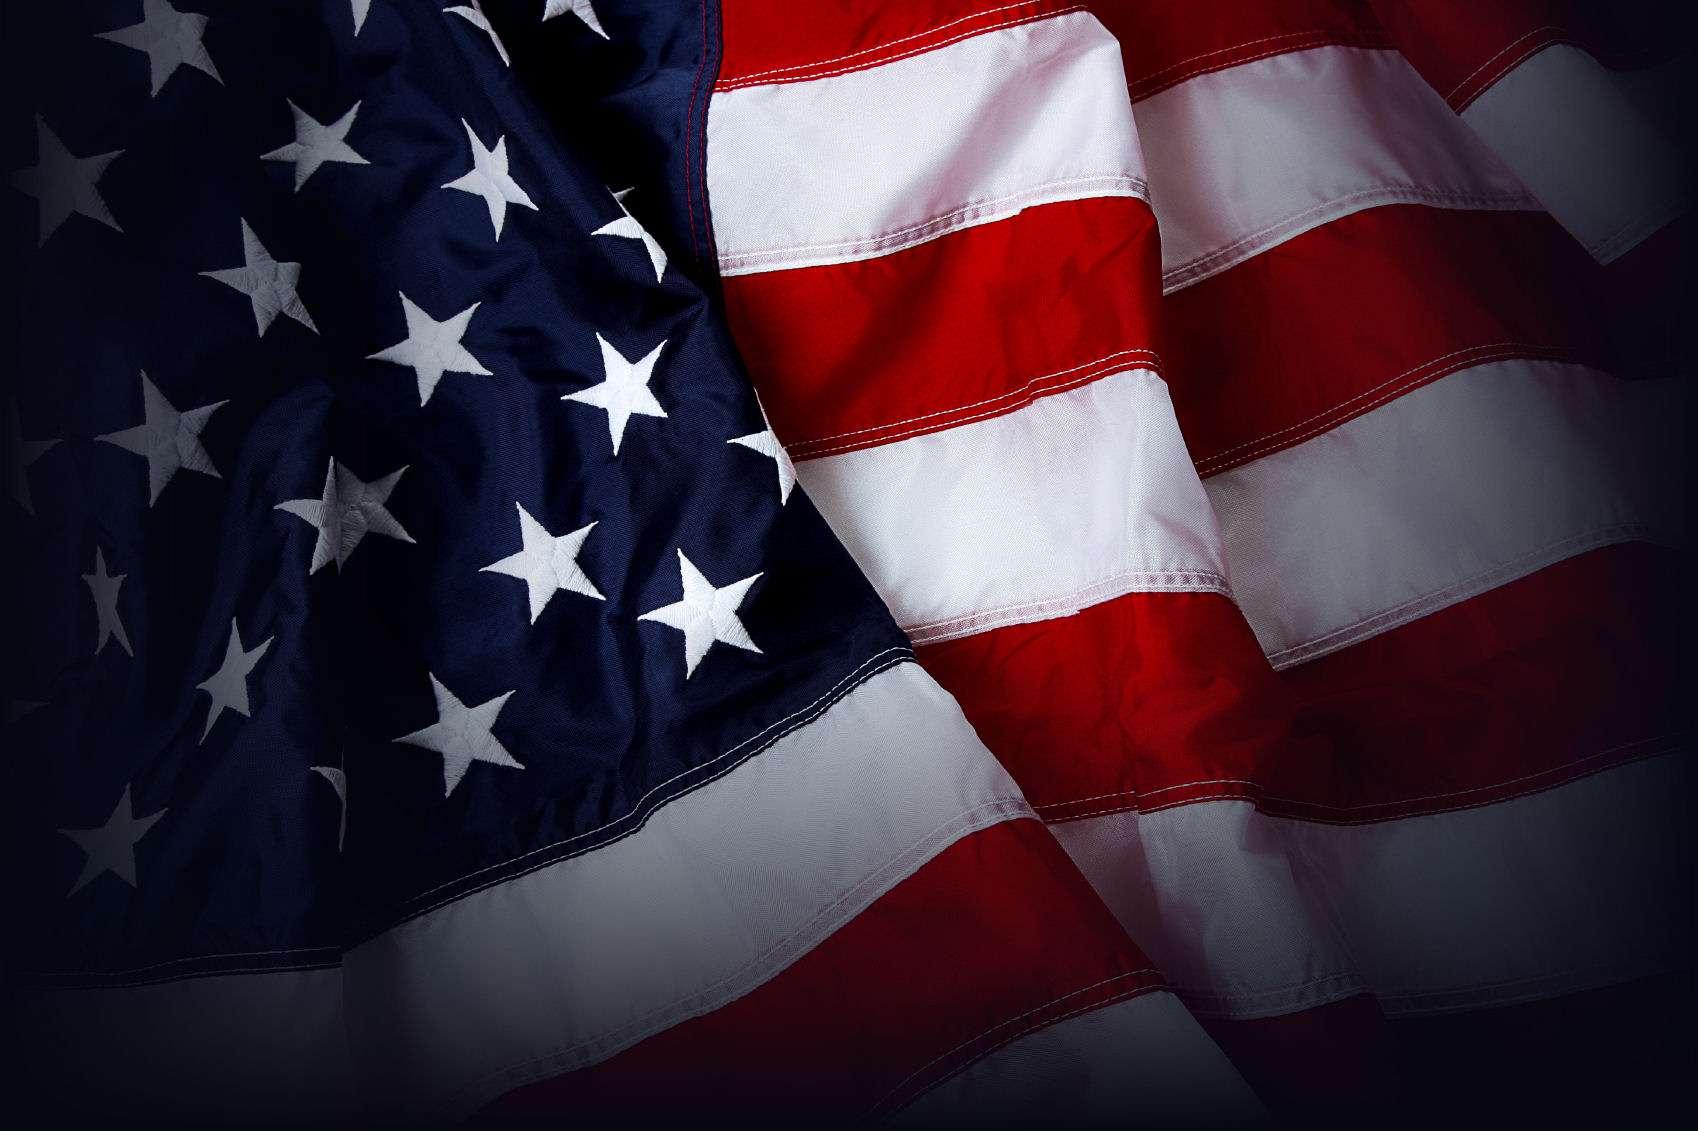 American Flag Background  U2013 Shot And Lit In Studio  U2013 Ois